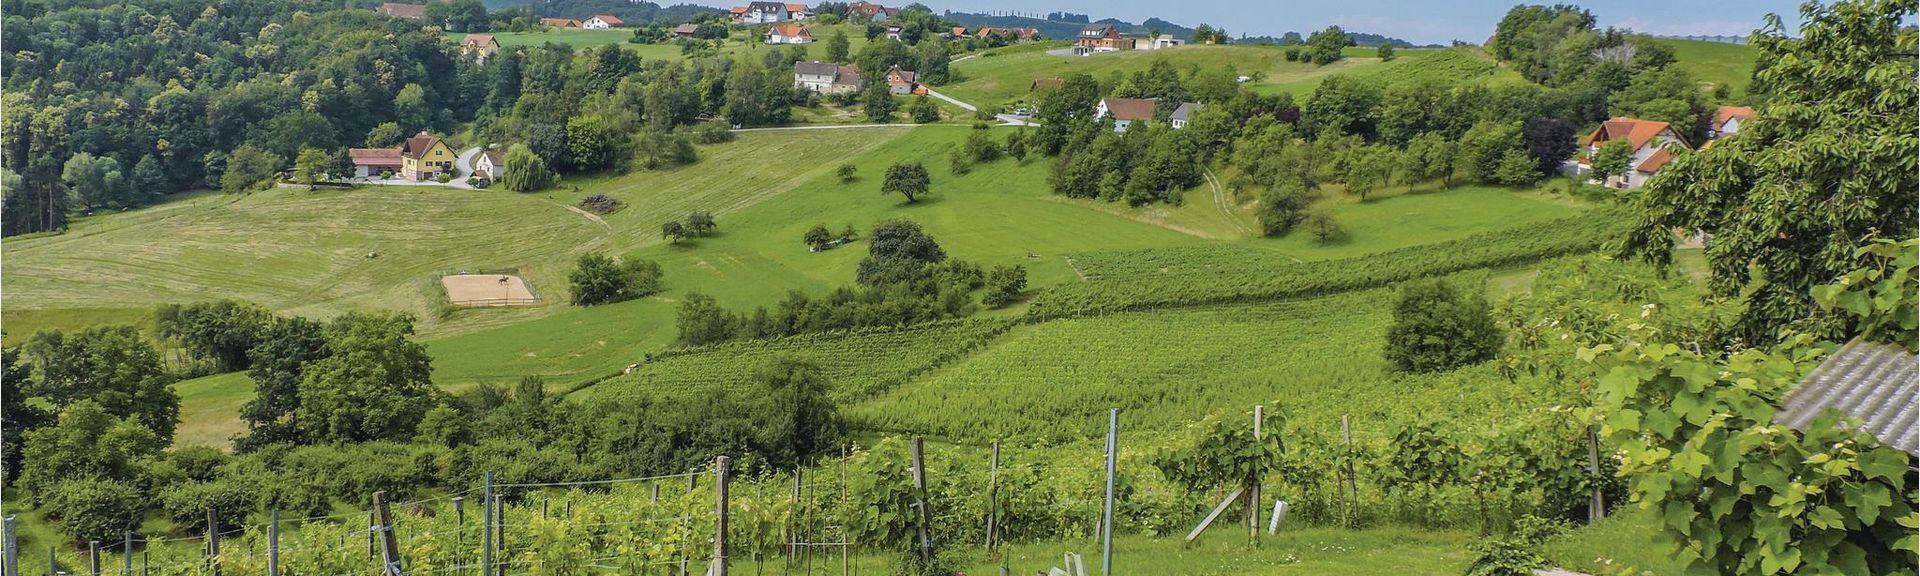 Bad Gleichenberg, Styria, Austria